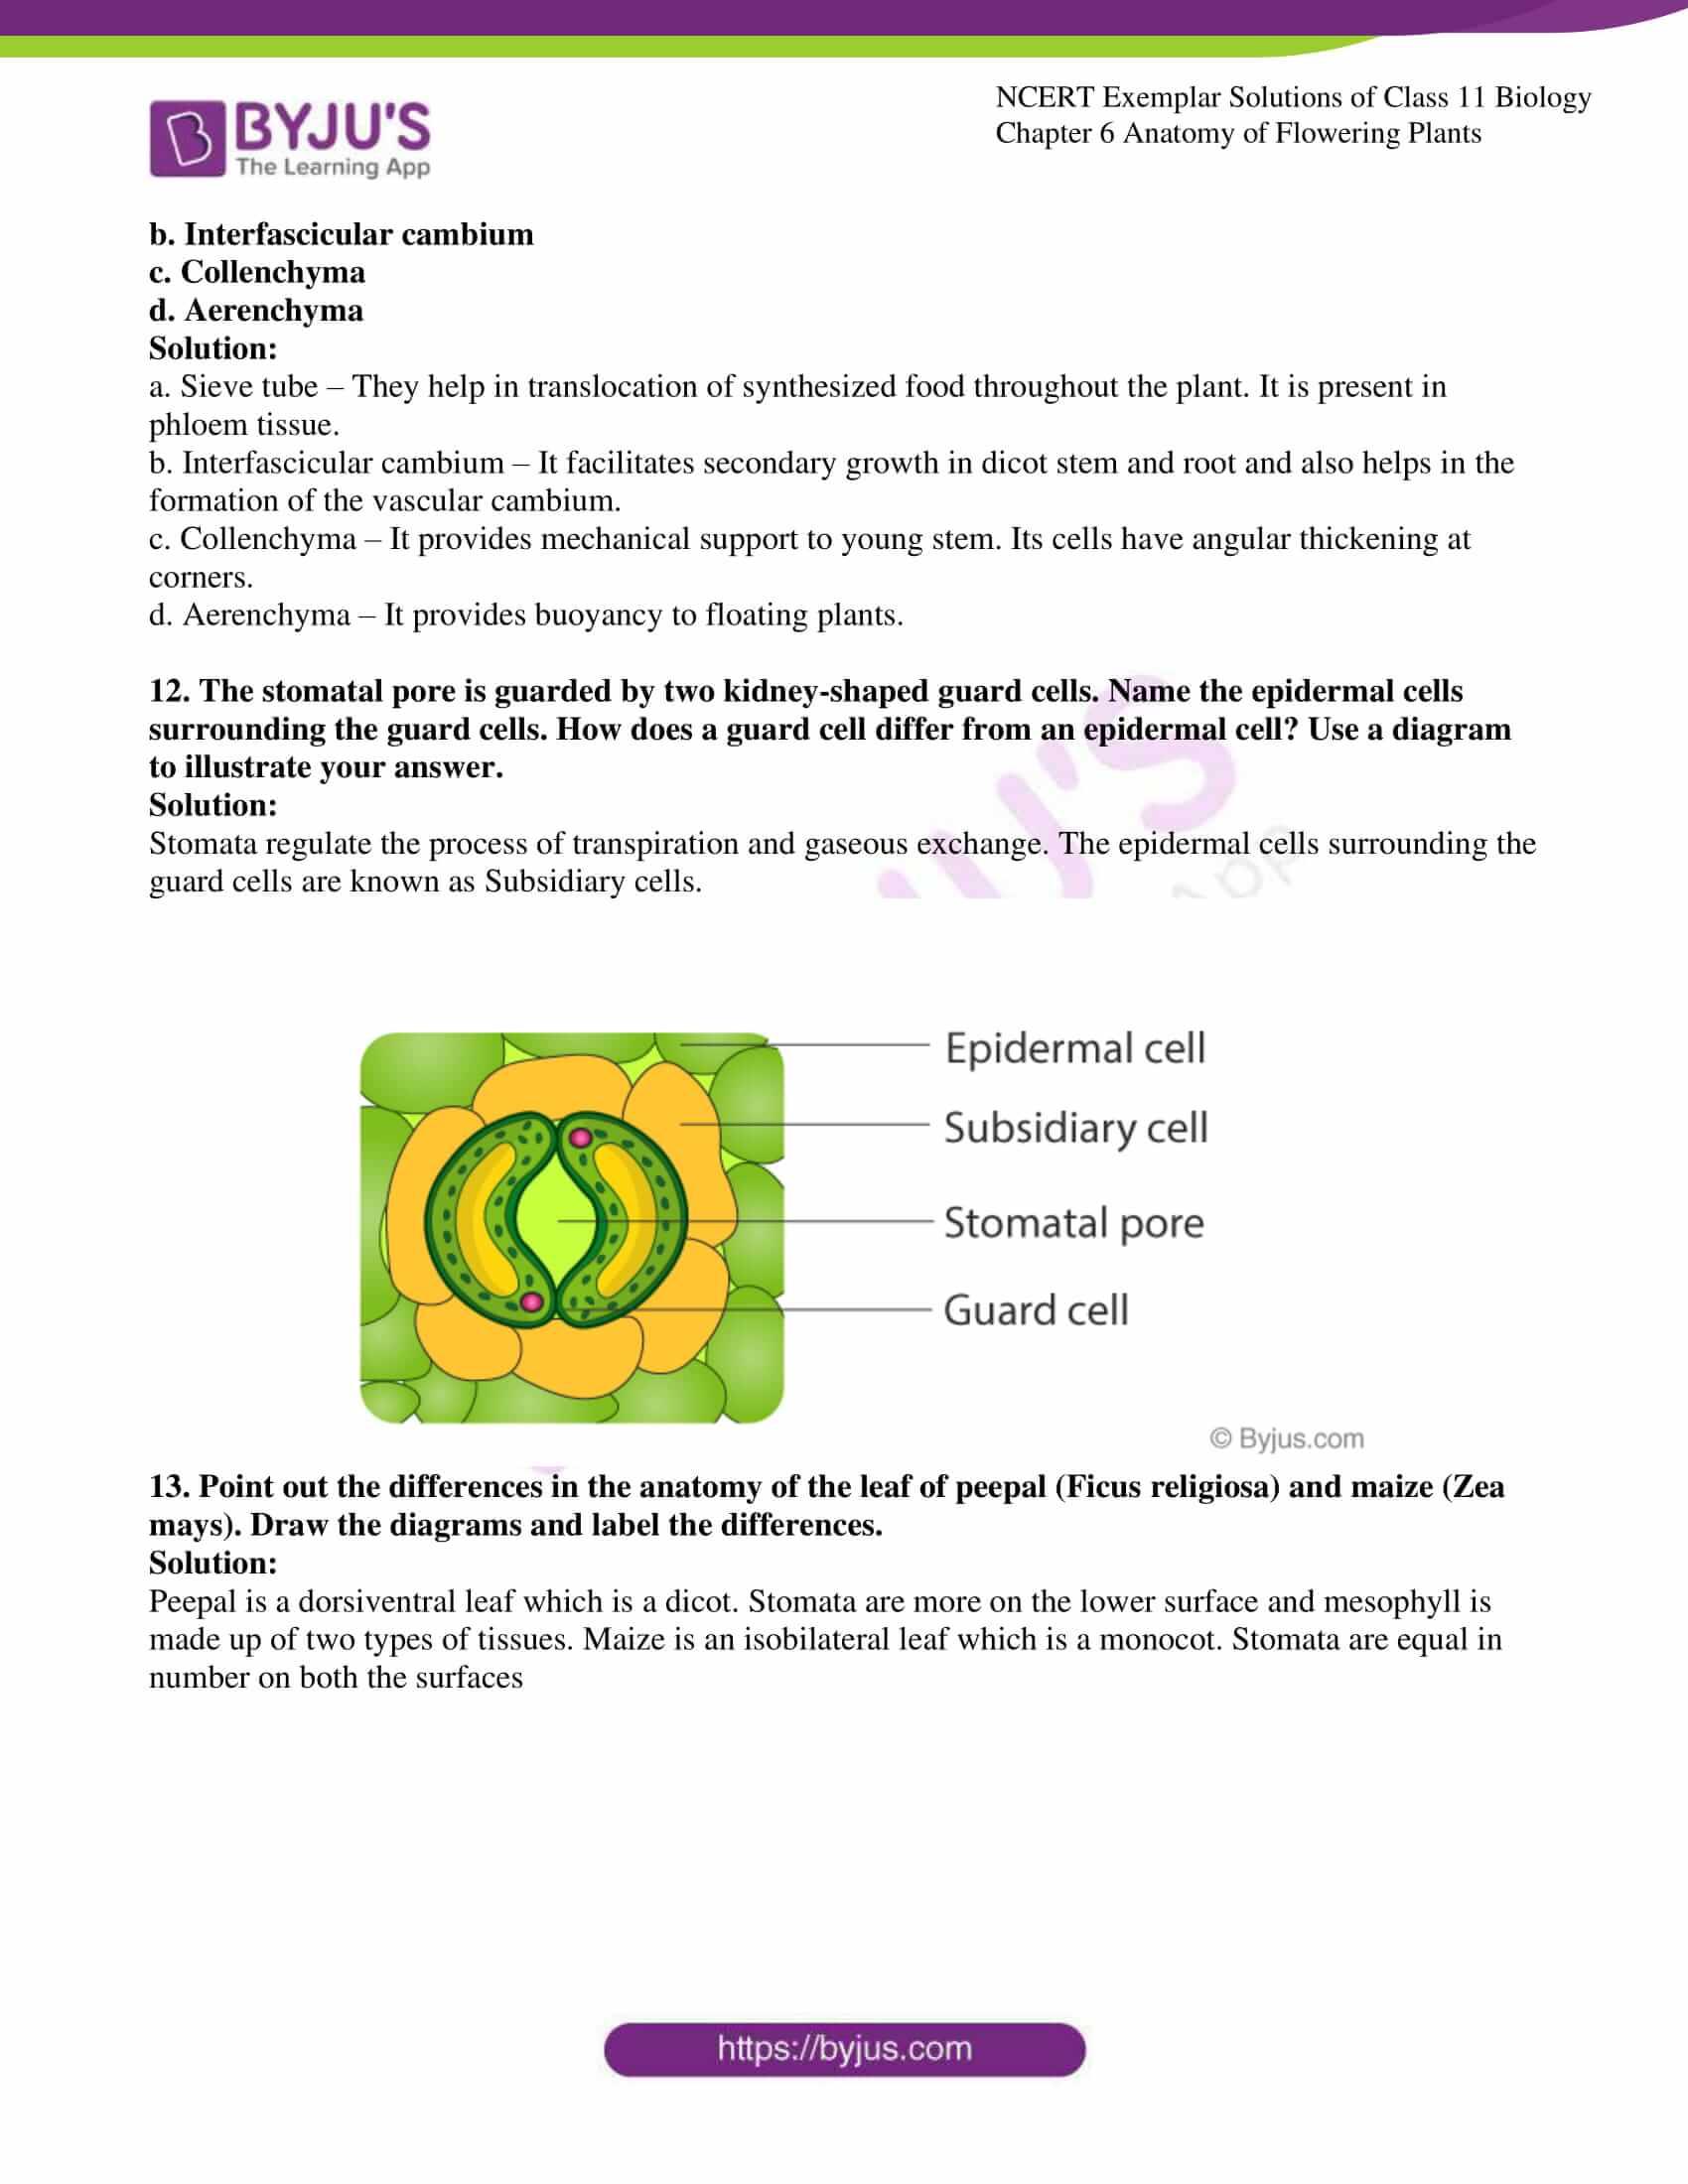 ncert exemplar solutions class 11 biology chapter 6 08